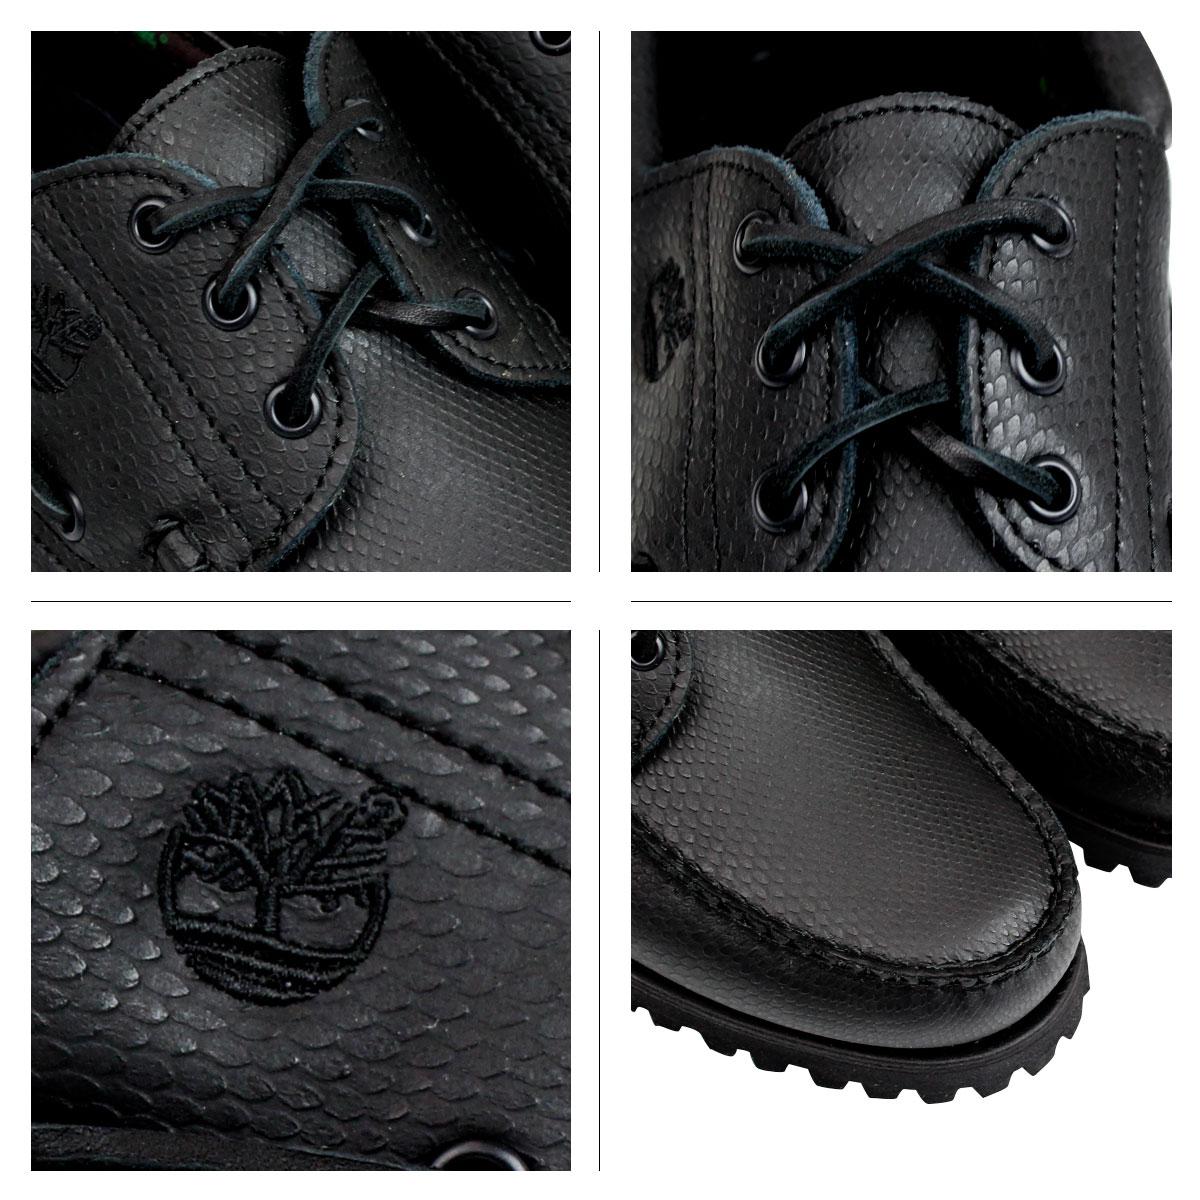 Timberland Estirón Zapatos Del Barco Negro G9eWZlEp